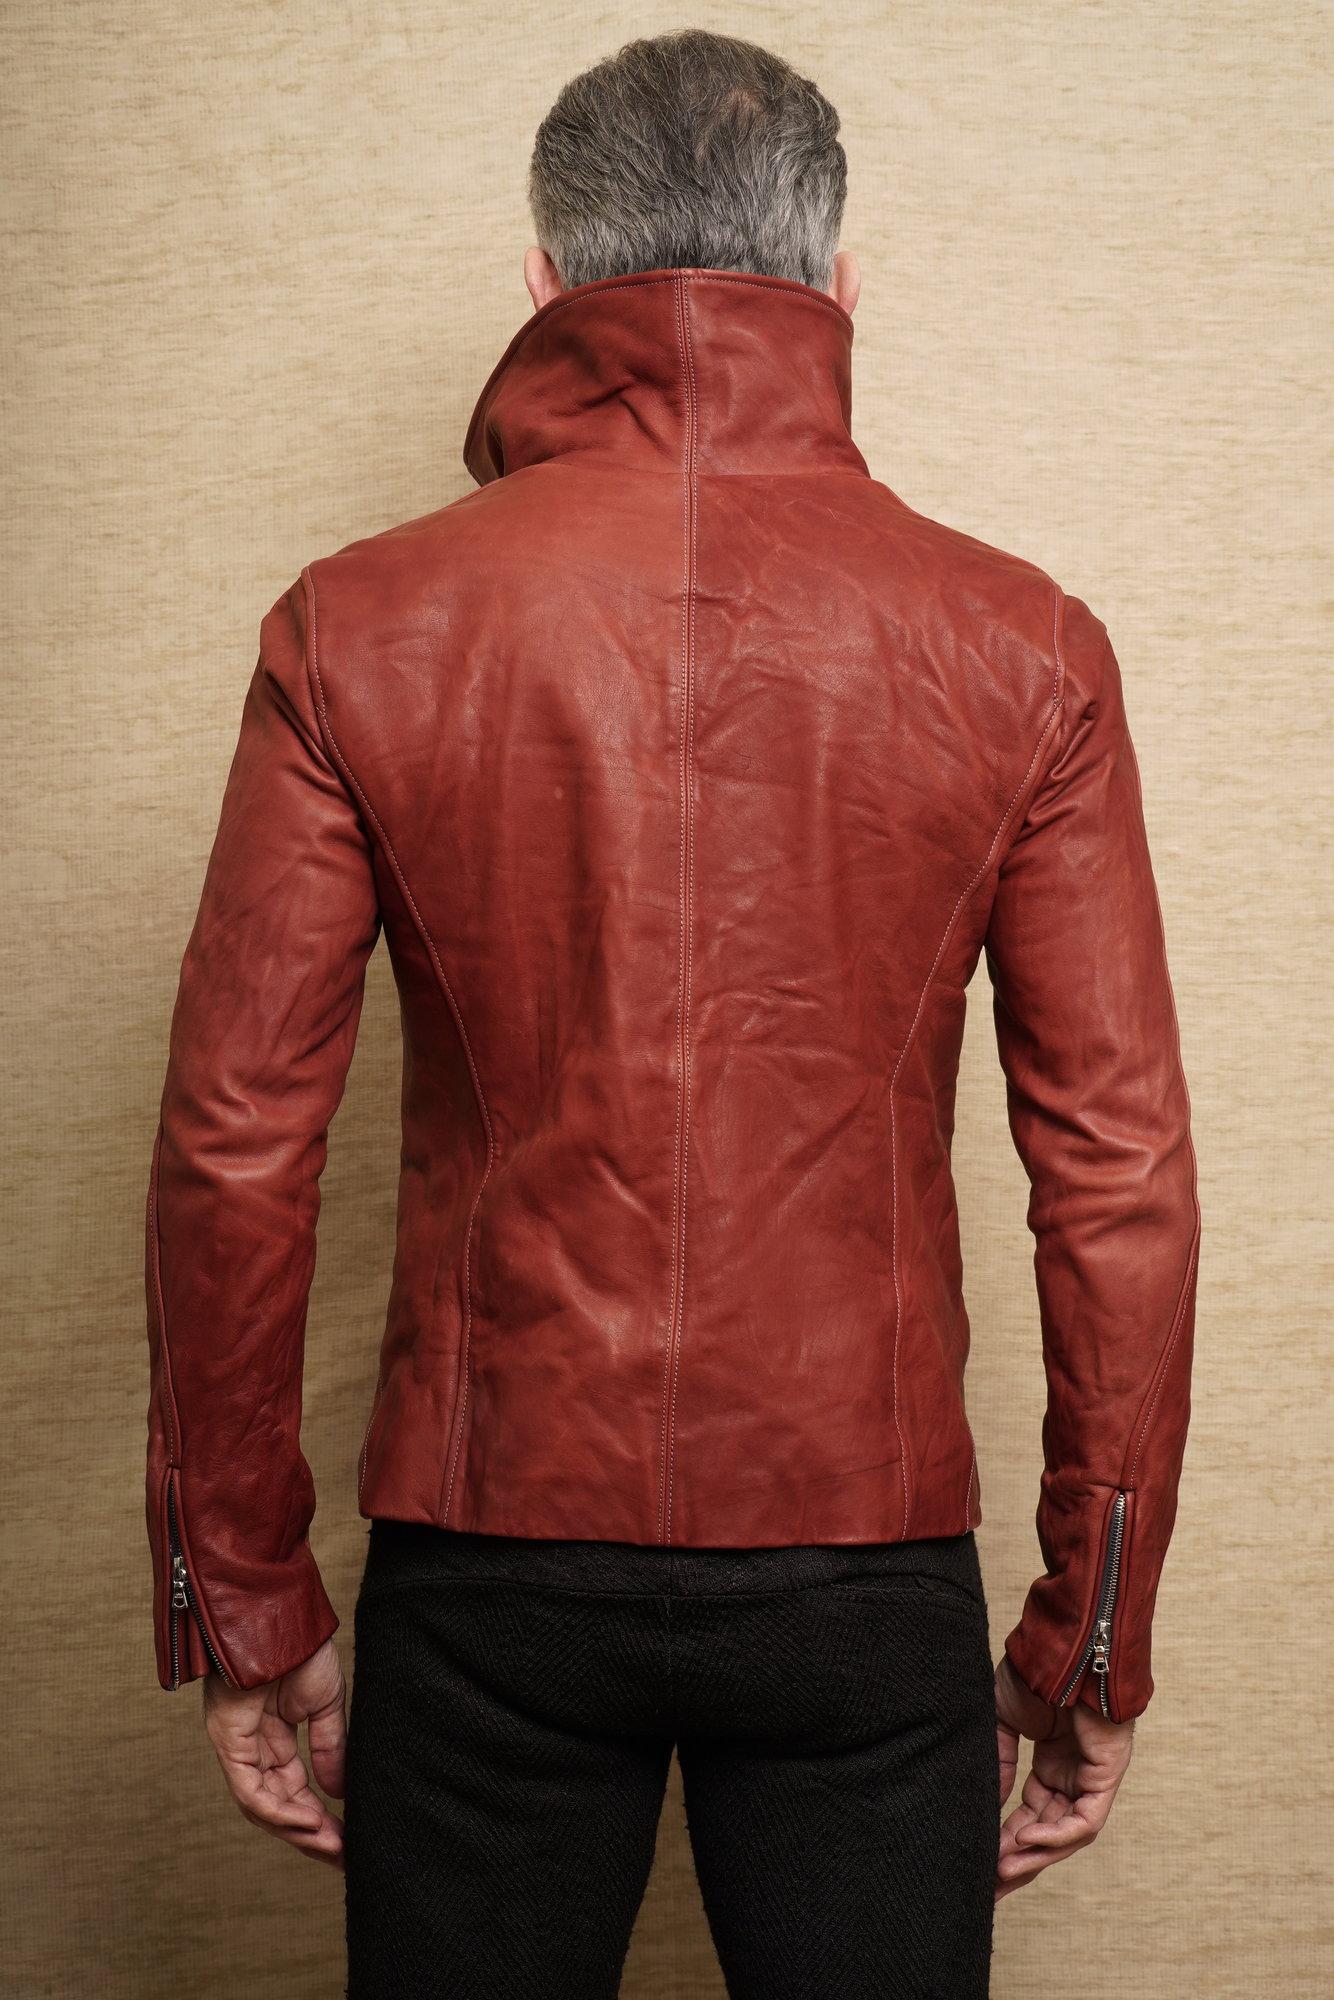 Tri Zip Leather Jacket_4.JPG